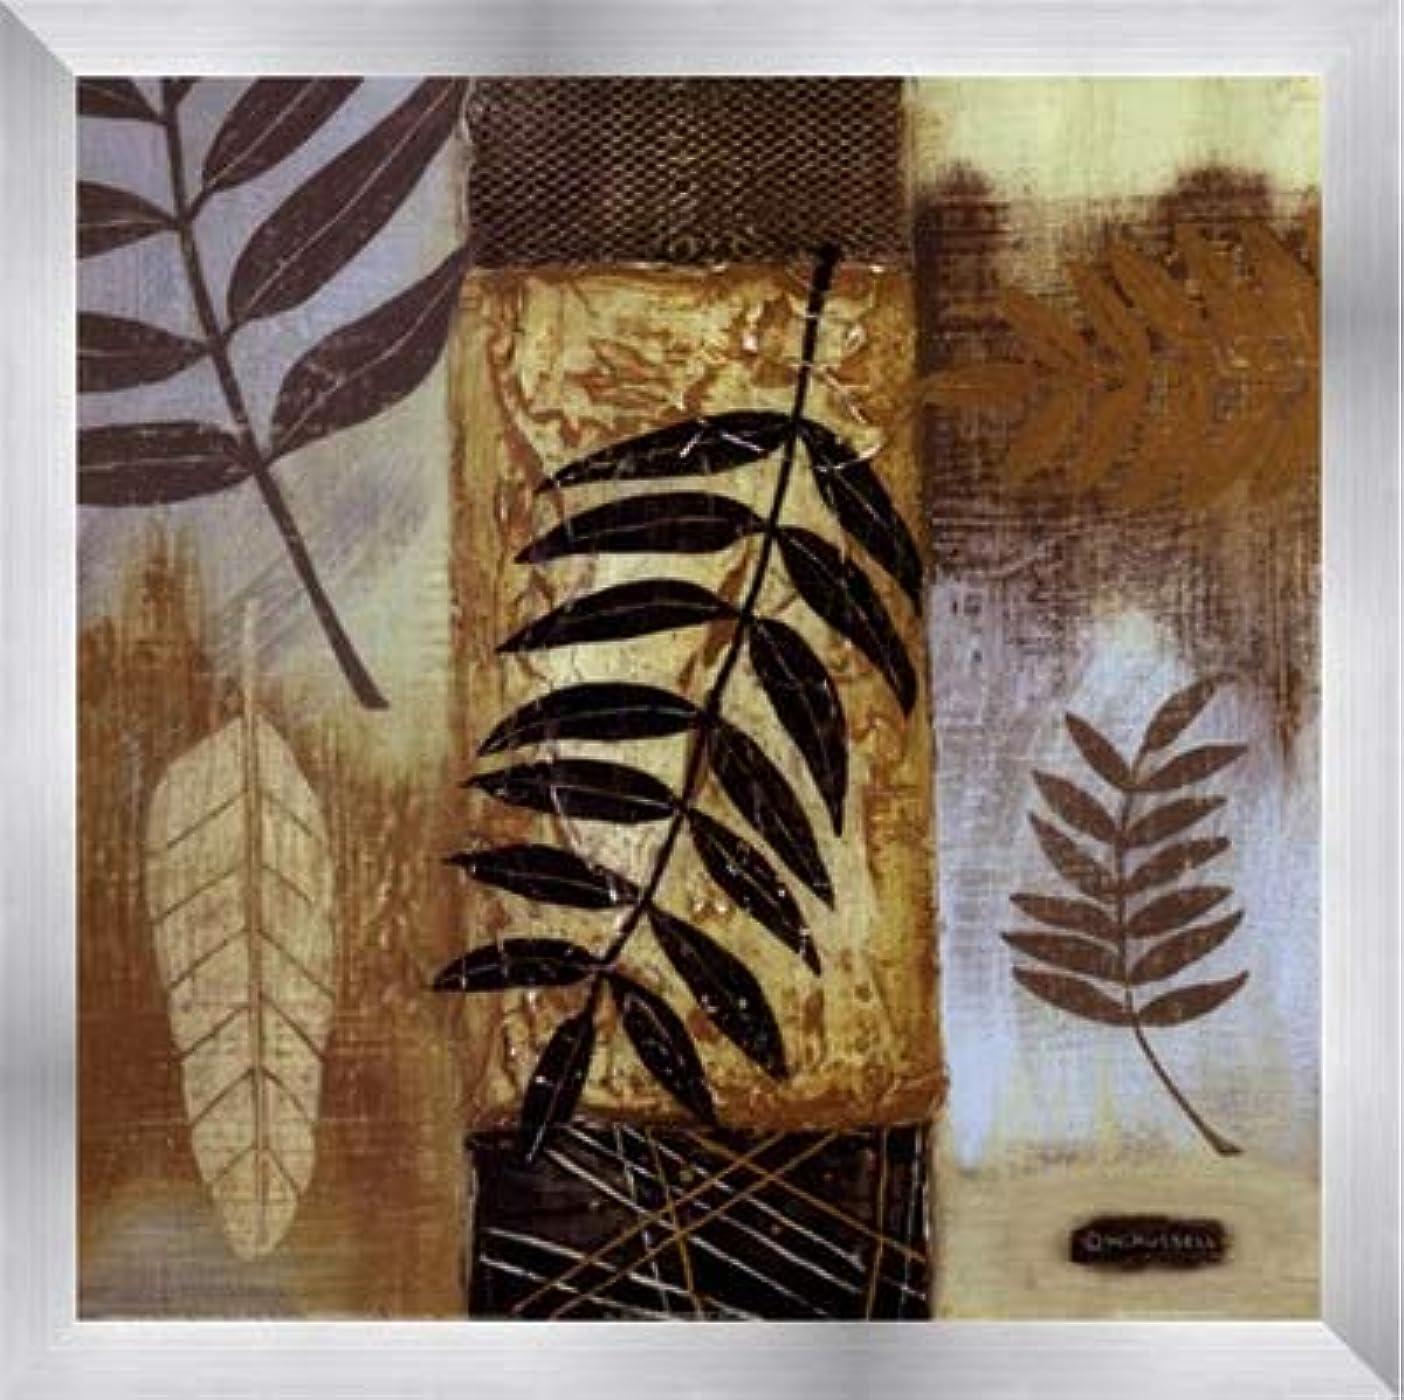 ラショナル他の日含意自然のパターンI by Wendy Russell – 12 x 12インチ – アートプリントポスター 12 x 12 Inch LE_255654-F9935-12x12